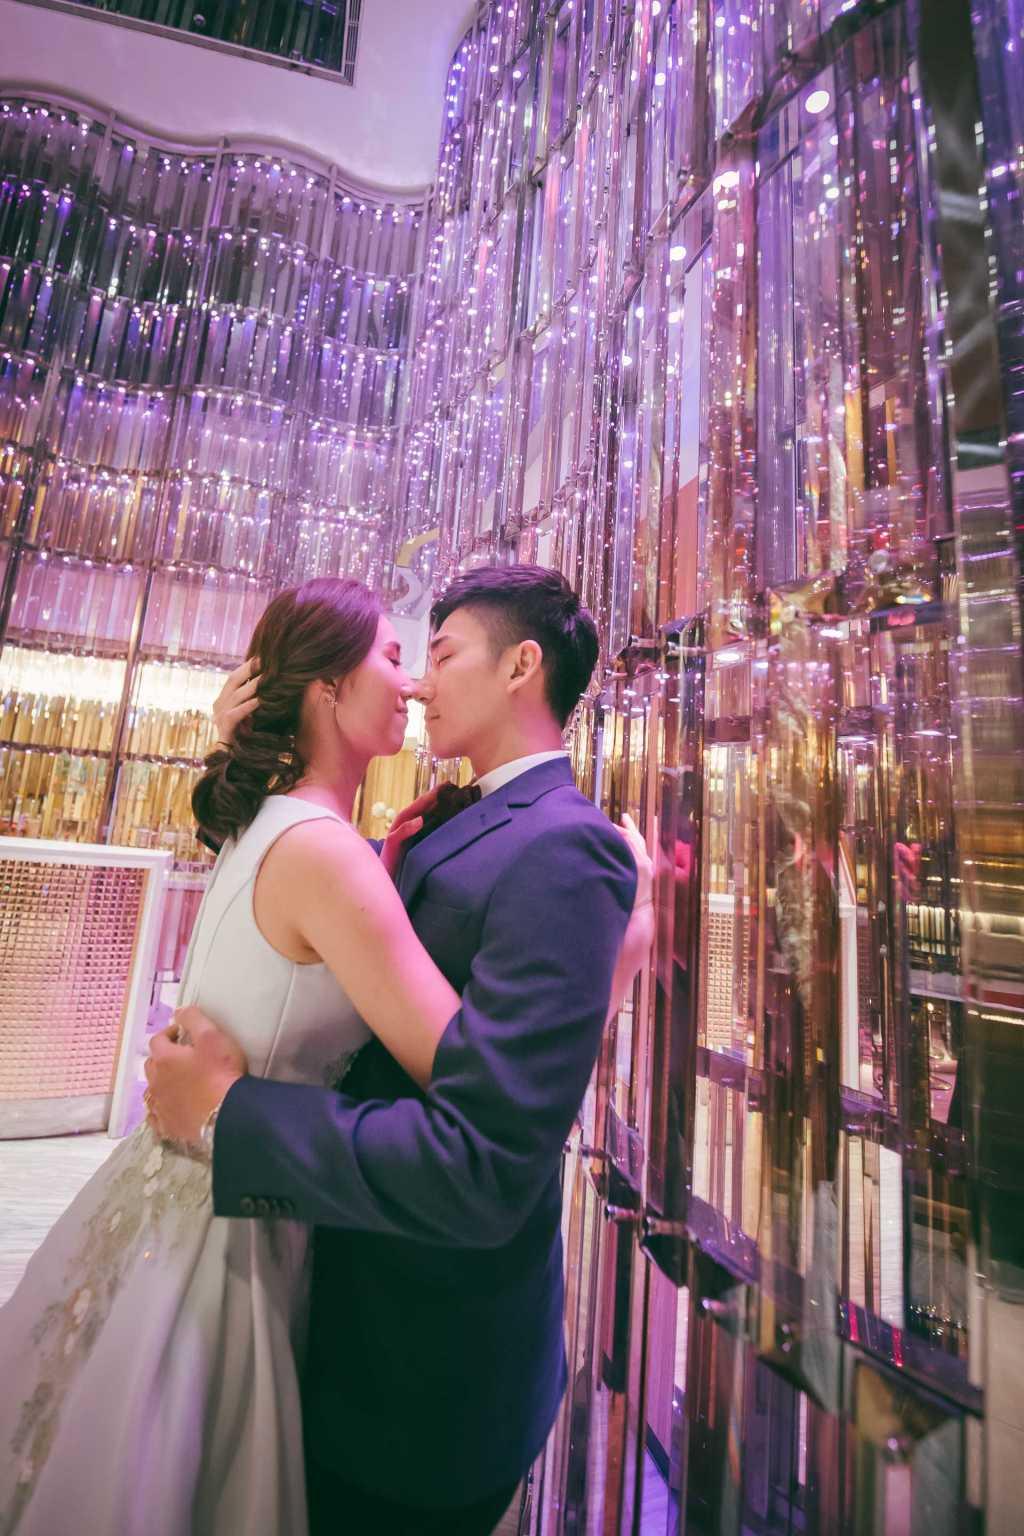 婚禮攝影 _ 幸福婚攝 : 婚禮攝影,婚攝